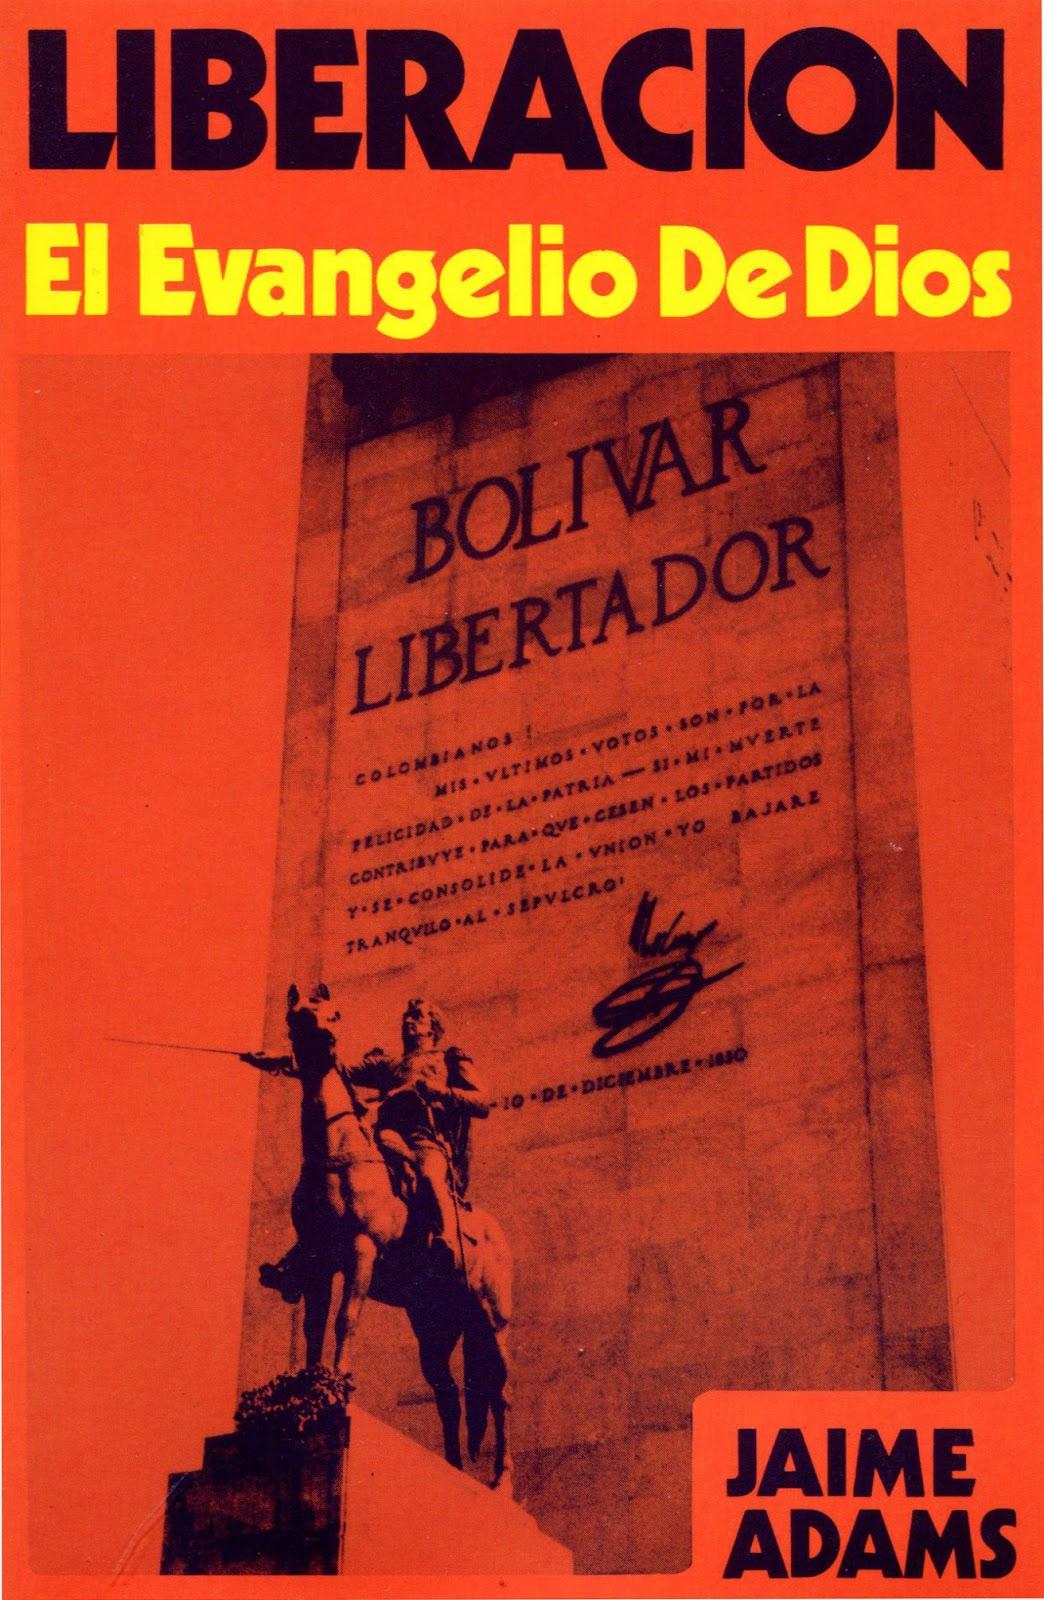 Jaime Adams-Liberación:El Evangelio De Dios-